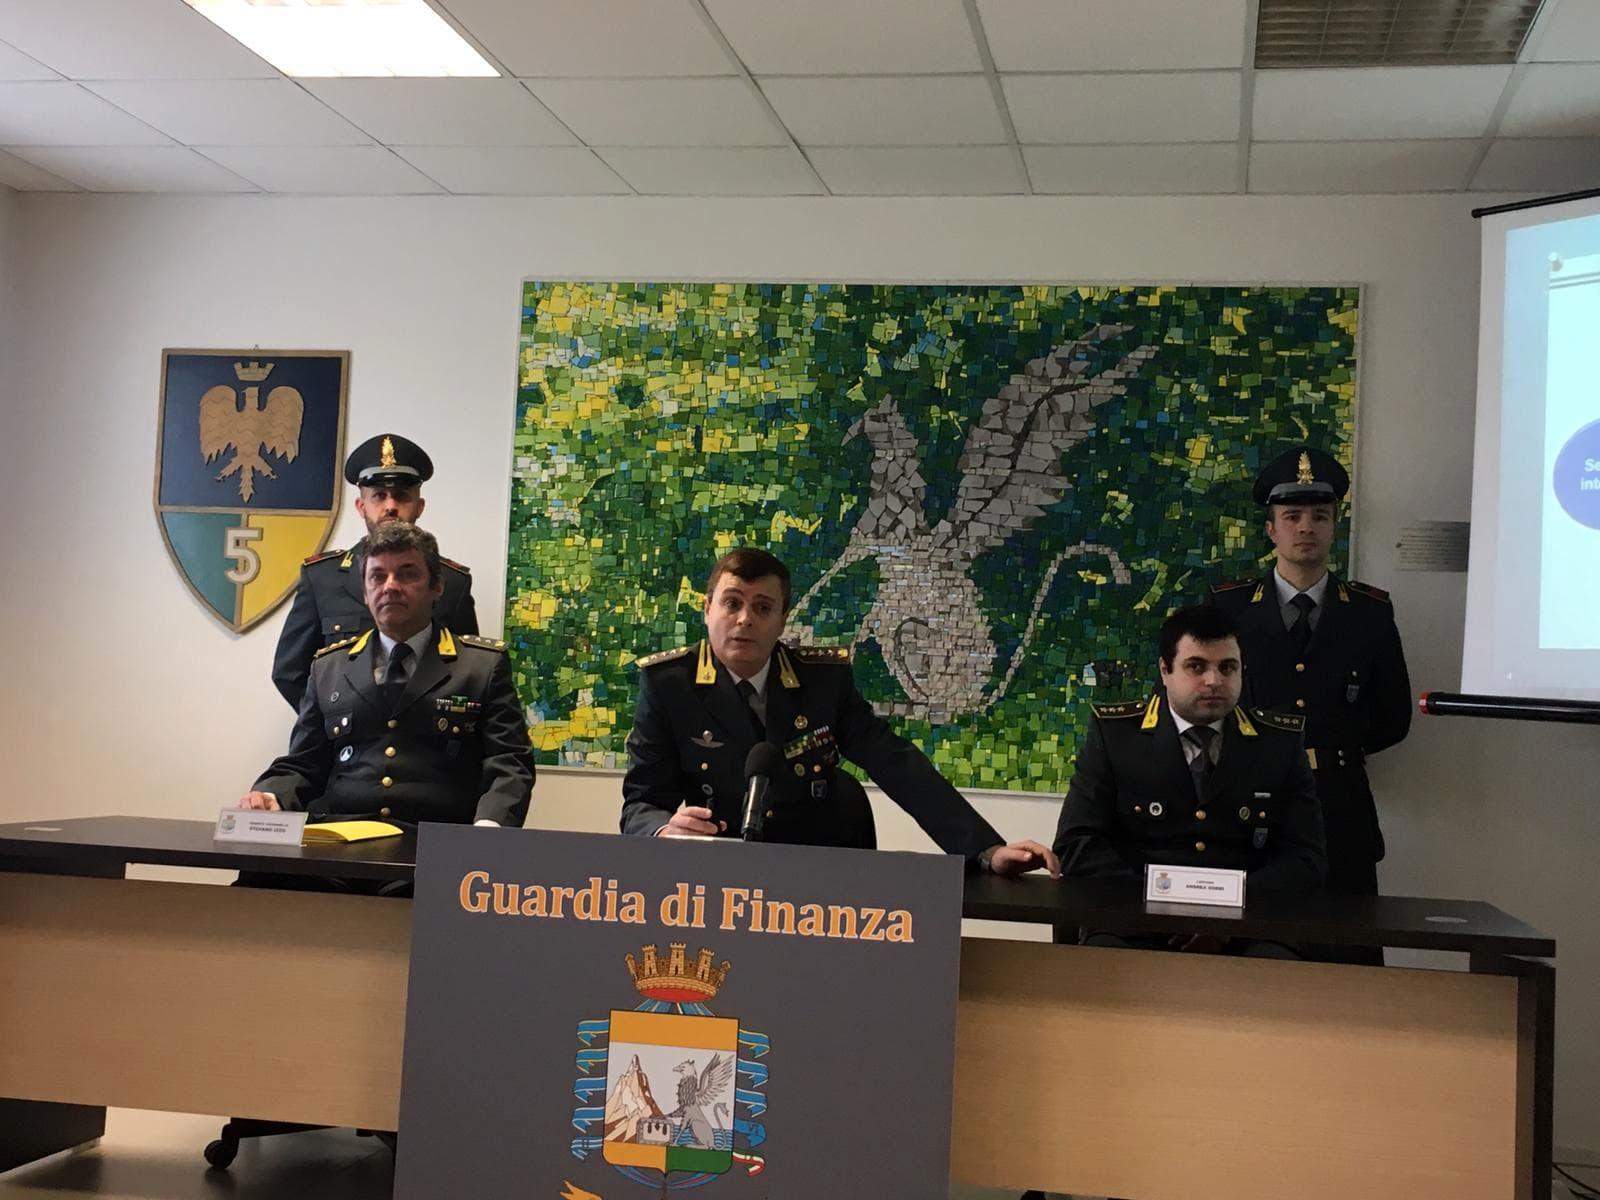 Guardia di finanza 2-3-2